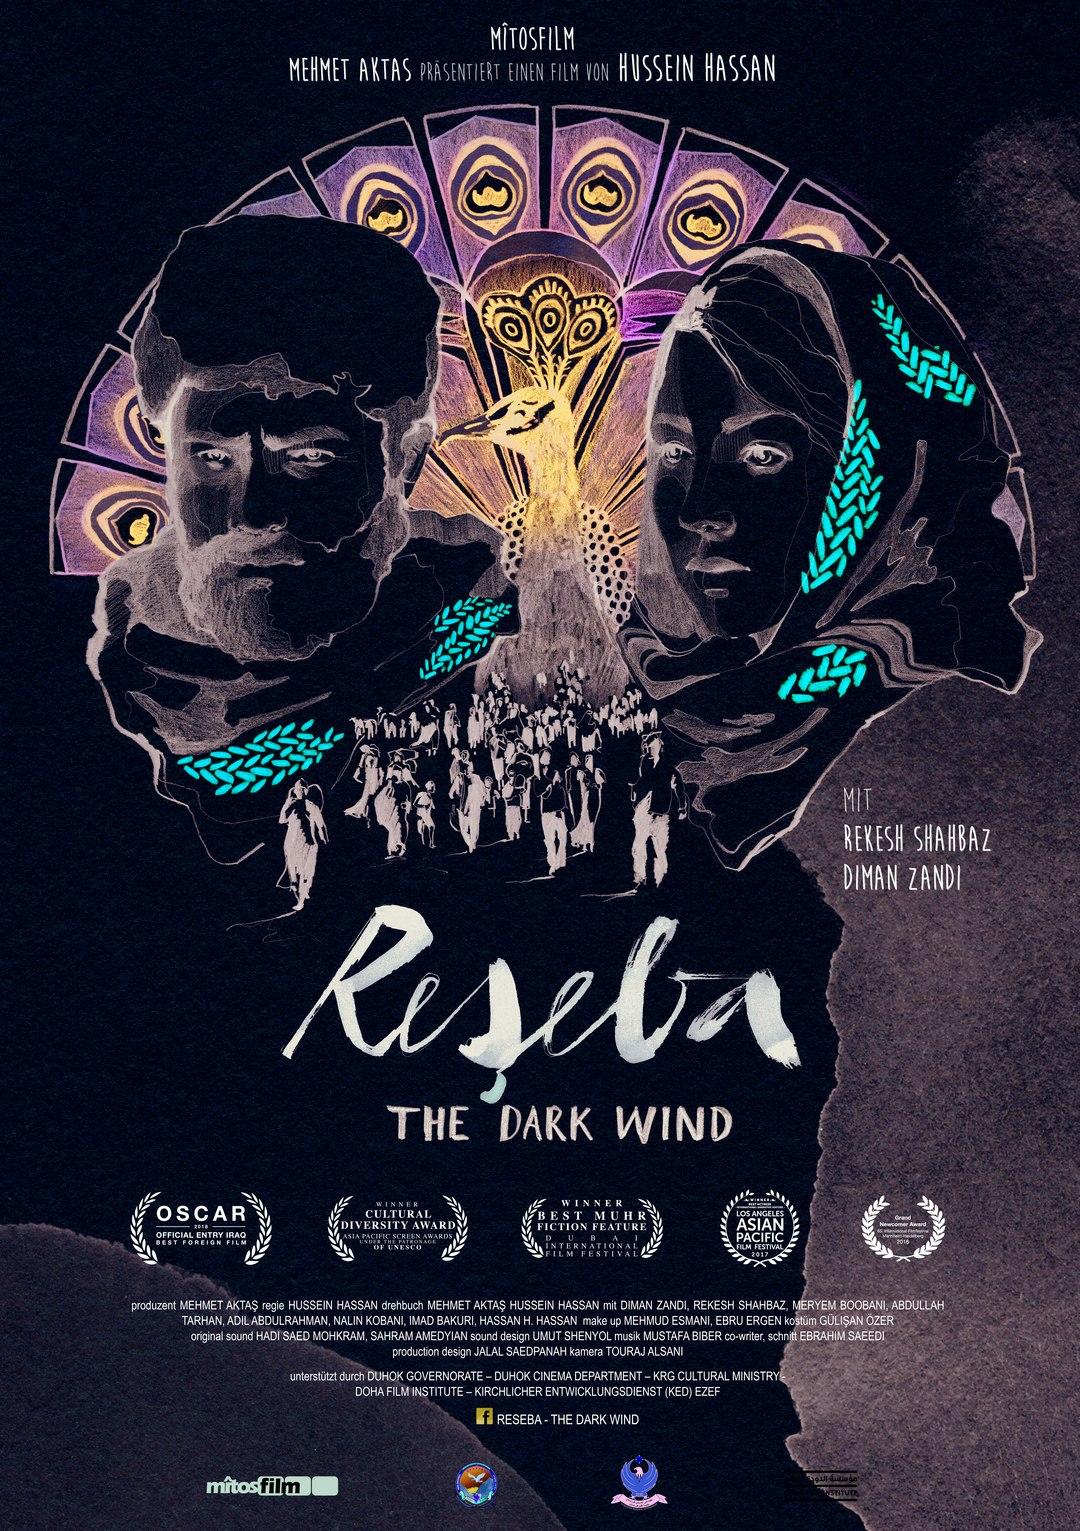 Reseba - The Dark Wind Trailer - Bild 1 von 1